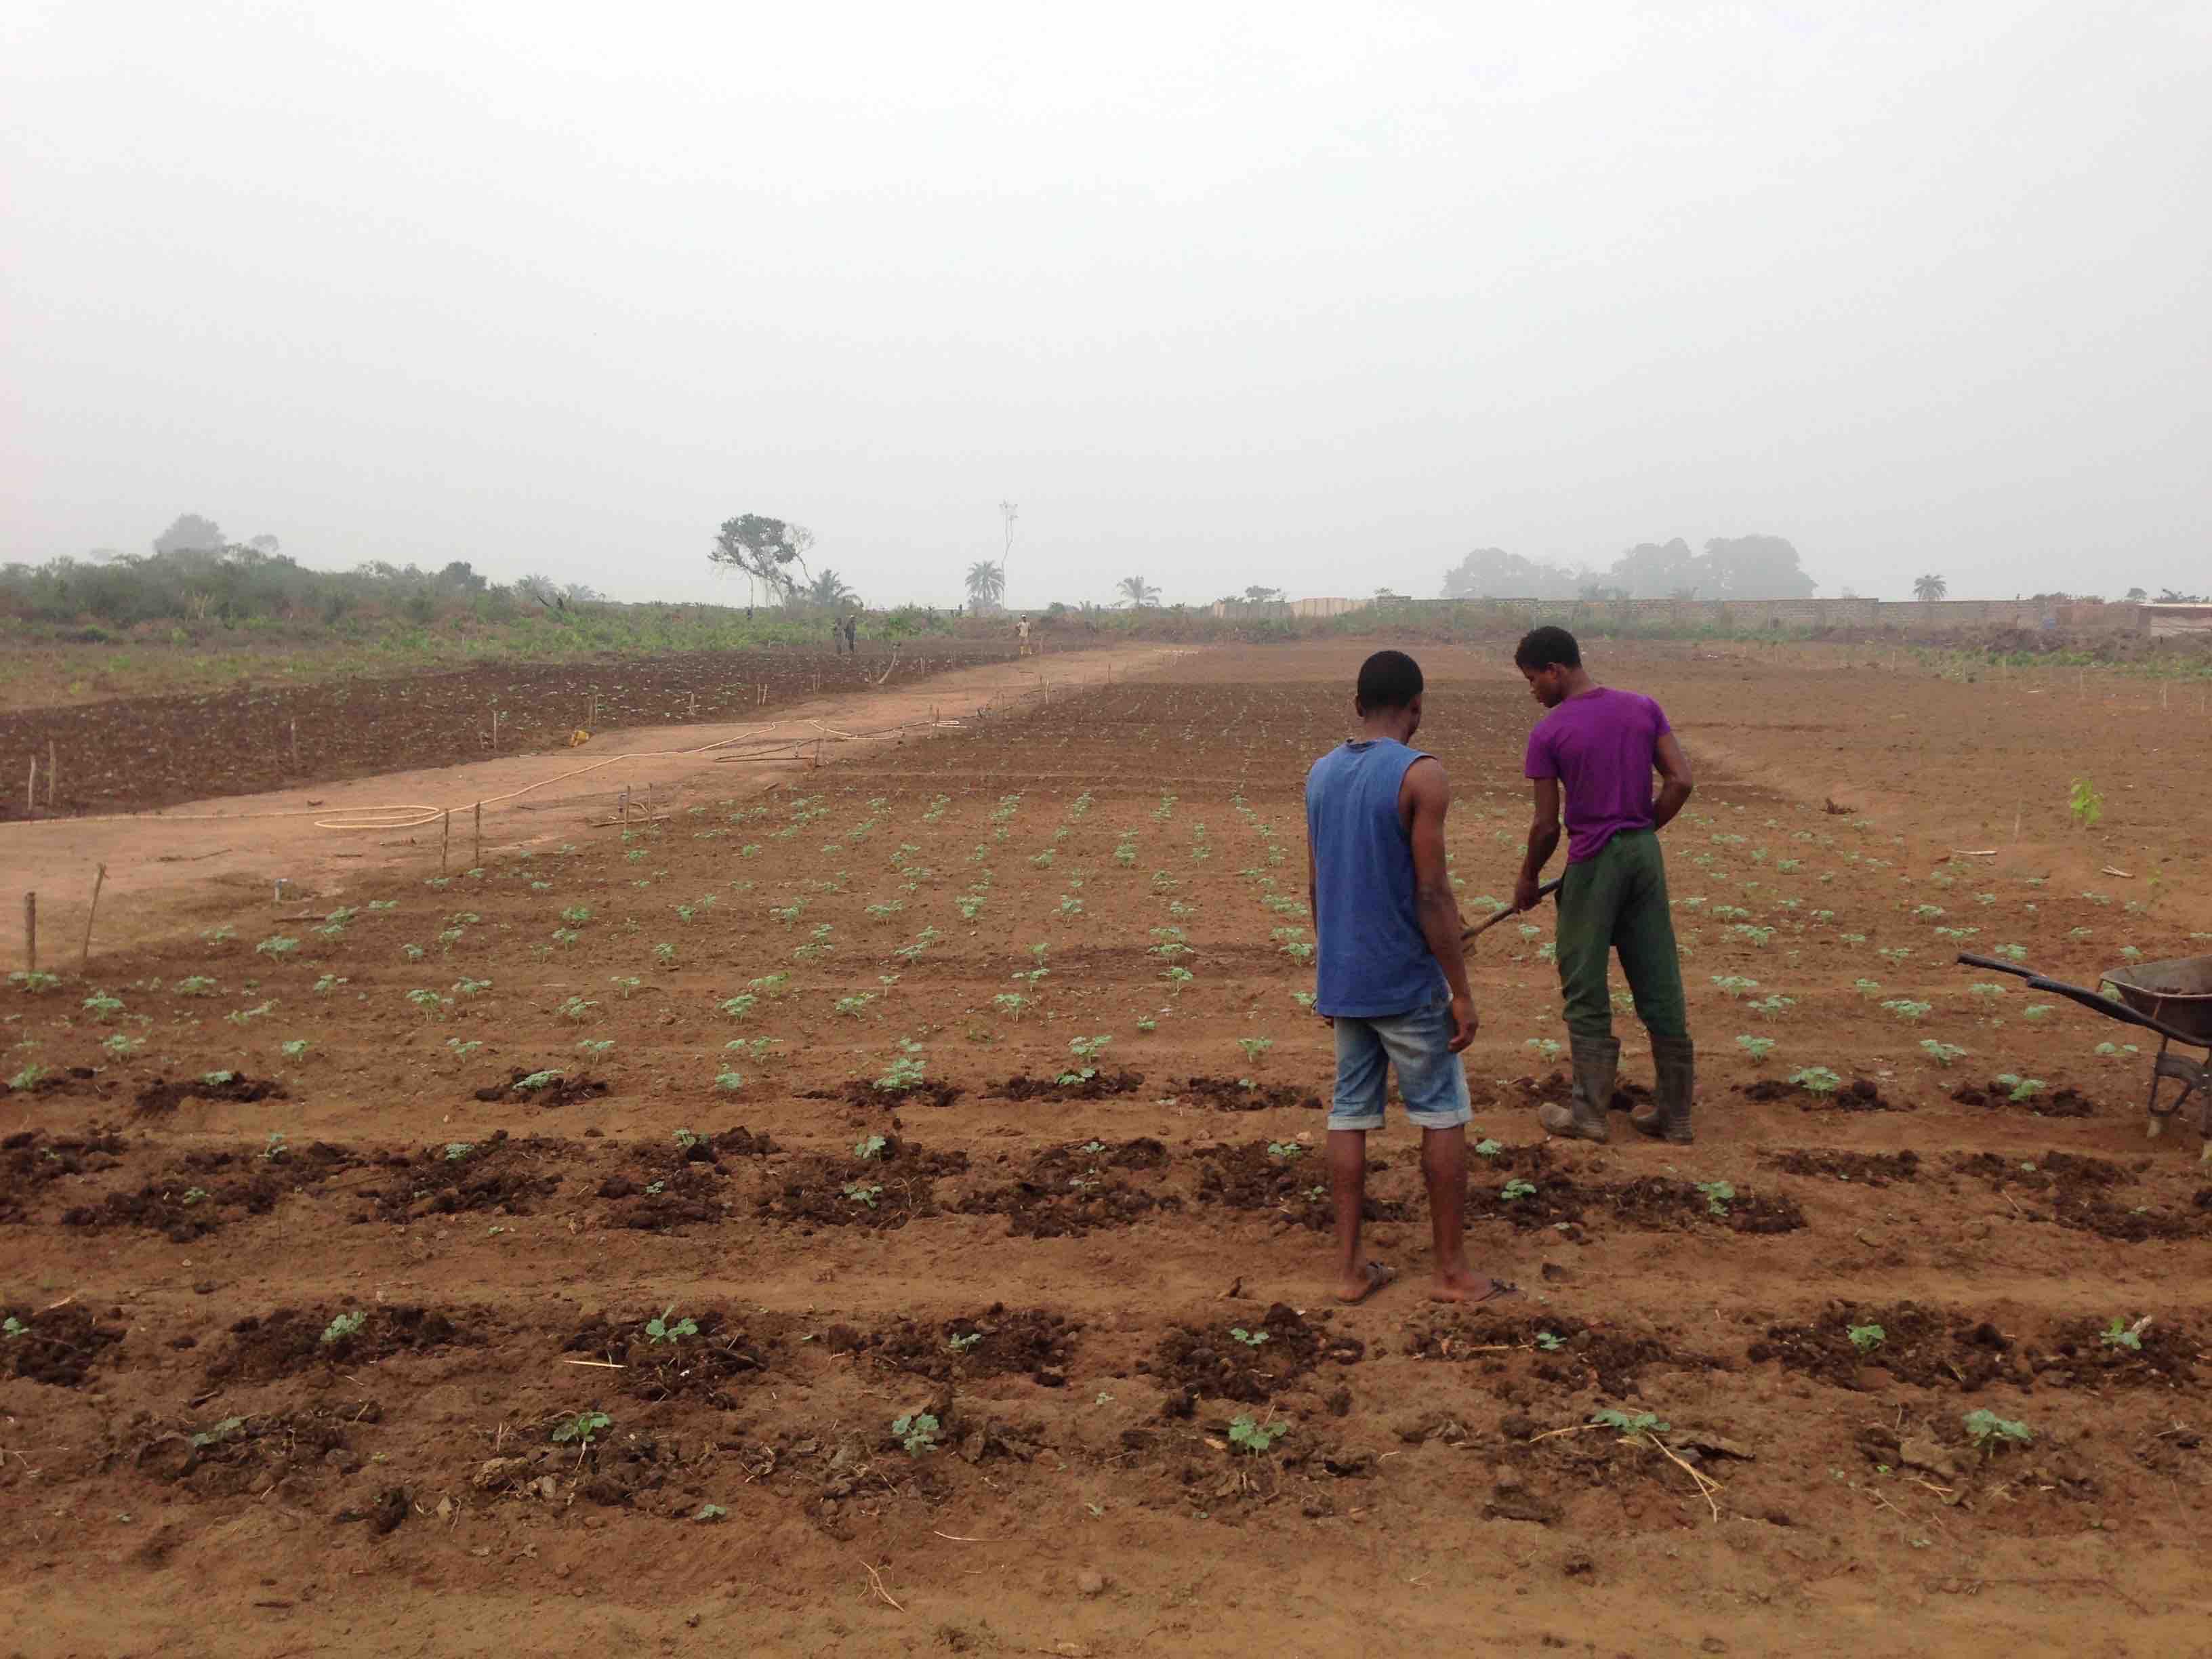 Otedola Integrated Farms in Odoragunshin, Epe, Lagos State, Nigeria. #JujuFilms